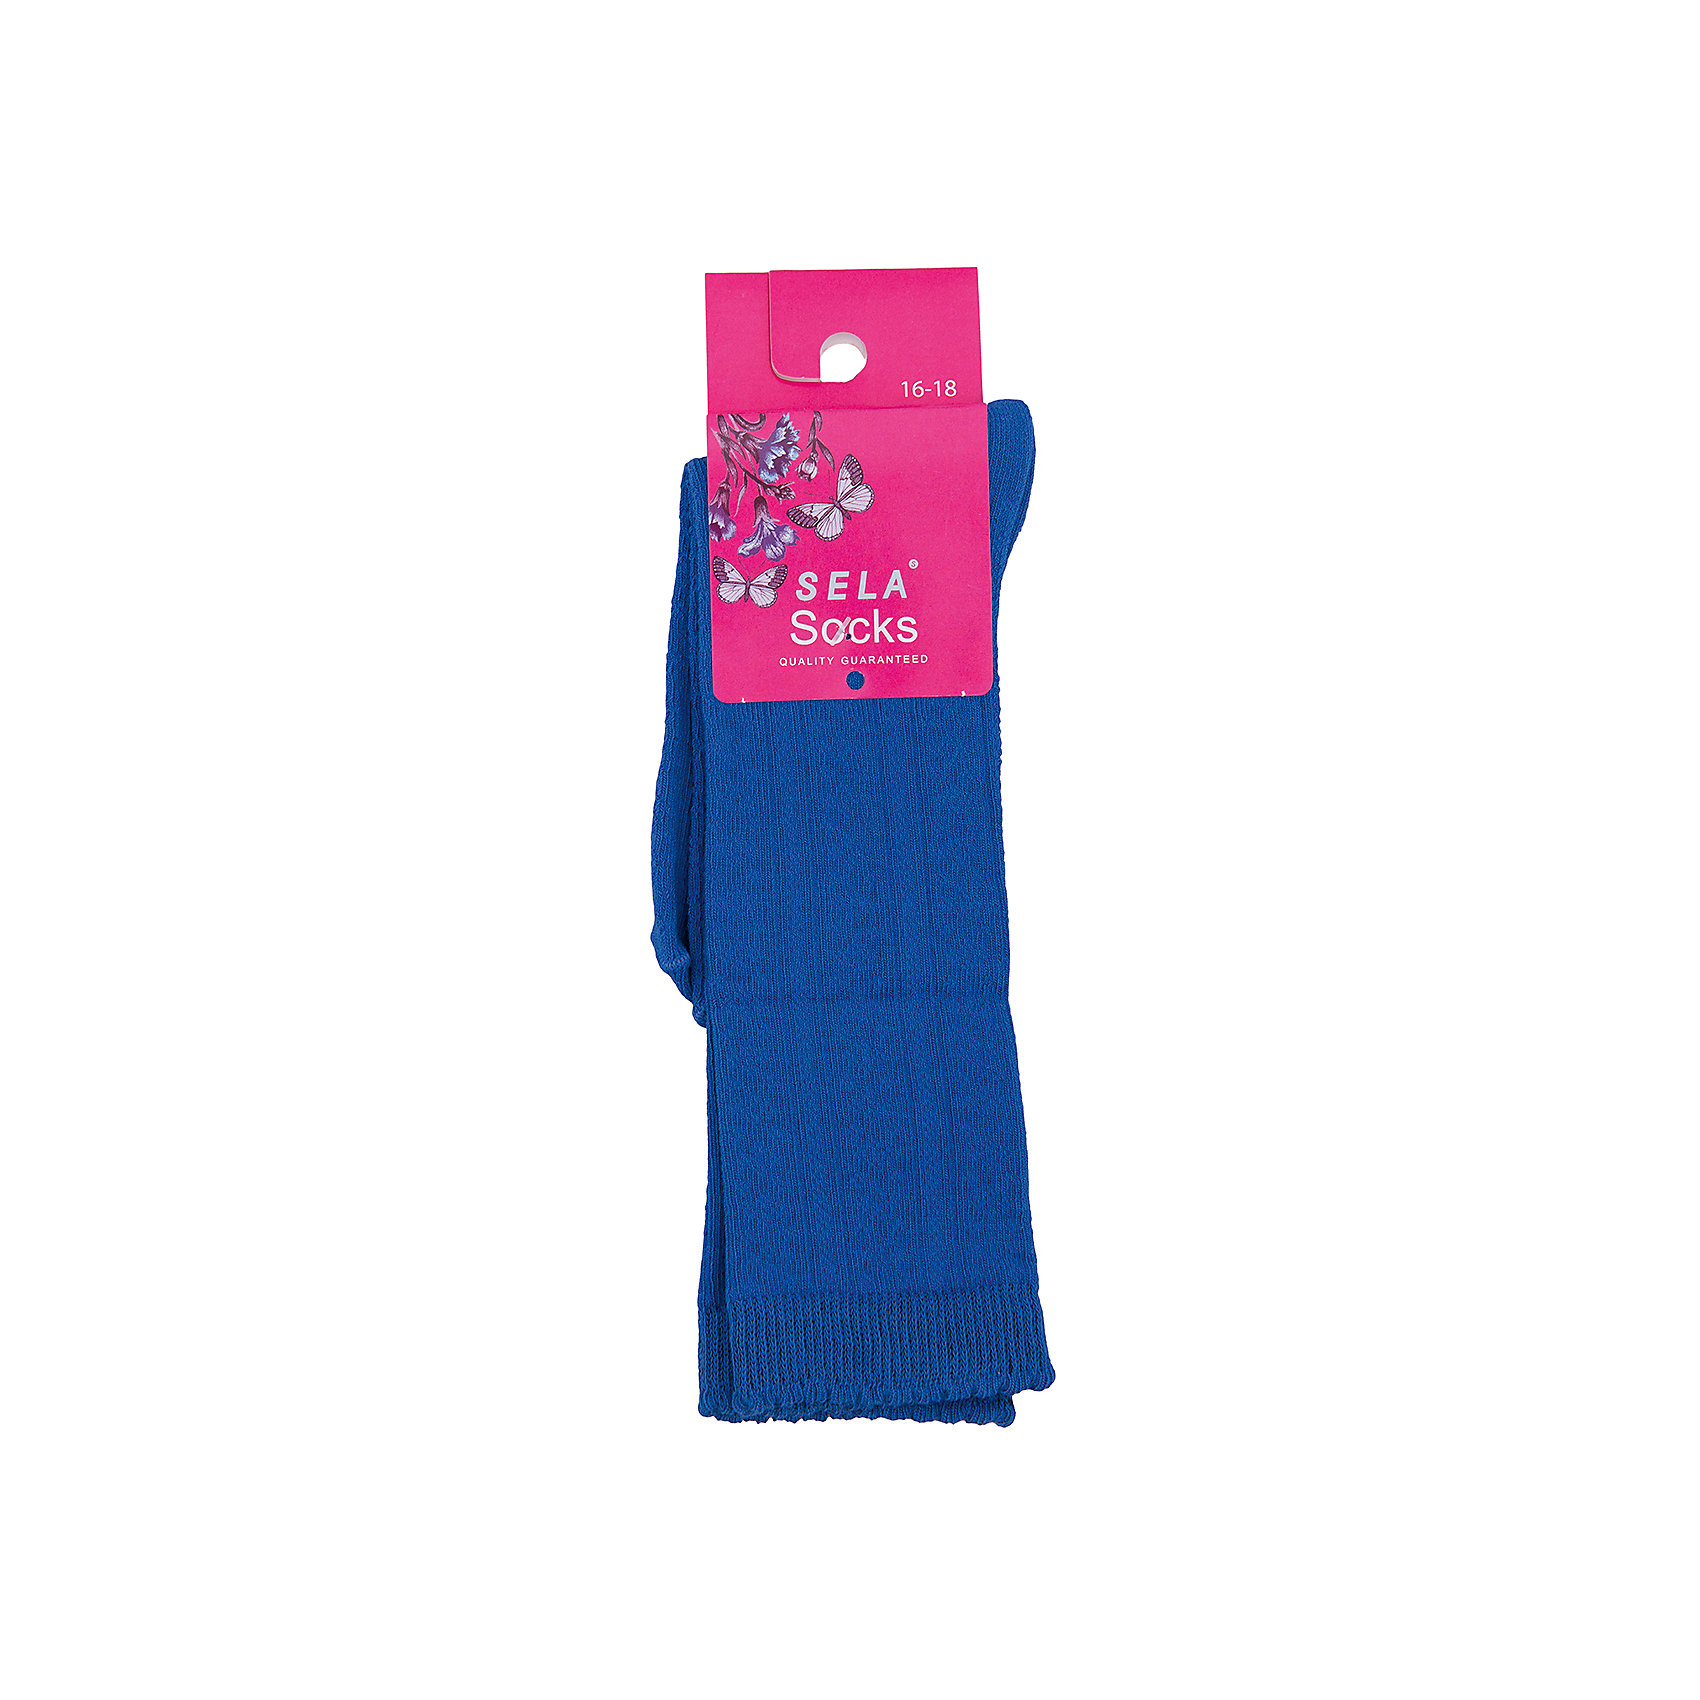 Носки для девочки SELAУдобные носки - неотъемлемая составляющая комфорта ребенка. Эта модель отлично сидит на девочке, она сшита из приятного на ощупь материала, мягкая и дышащая. Натуральный хлопок в составе ткани не вызывает аллергии и обеспечивает ребенку комфорт. Мягкая резинка не сдавливает ногу.<br>Одежда от бренда Sela (Села) - это качество по приемлемым ценам. Многие российские родители уже оценили преимущества продукции этой компании и всё чаще приобретают одежду и аксессуары Sela.<br><br>Дополнительная информация:<br><br>высокие;<br>материал: 75% хлопок, 23% ПЭ, 2% спандекс;<br>мягкая резинка;<br>трикотаж.<br><br>Носки для девочки от бренда Sela можно купить в нашем интернет-магазине.<br><br>Ширина мм: 87<br>Глубина мм: 10<br>Высота мм: 105<br>Вес г: 115<br>Цвет: голубой<br>Возраст от месяцев: 0<br>Возраст до месяцев: 3<br>Пол: Женский<br>Возраст: Детский<br>Размер: 16,22,18,20<br>SKU: 4883678